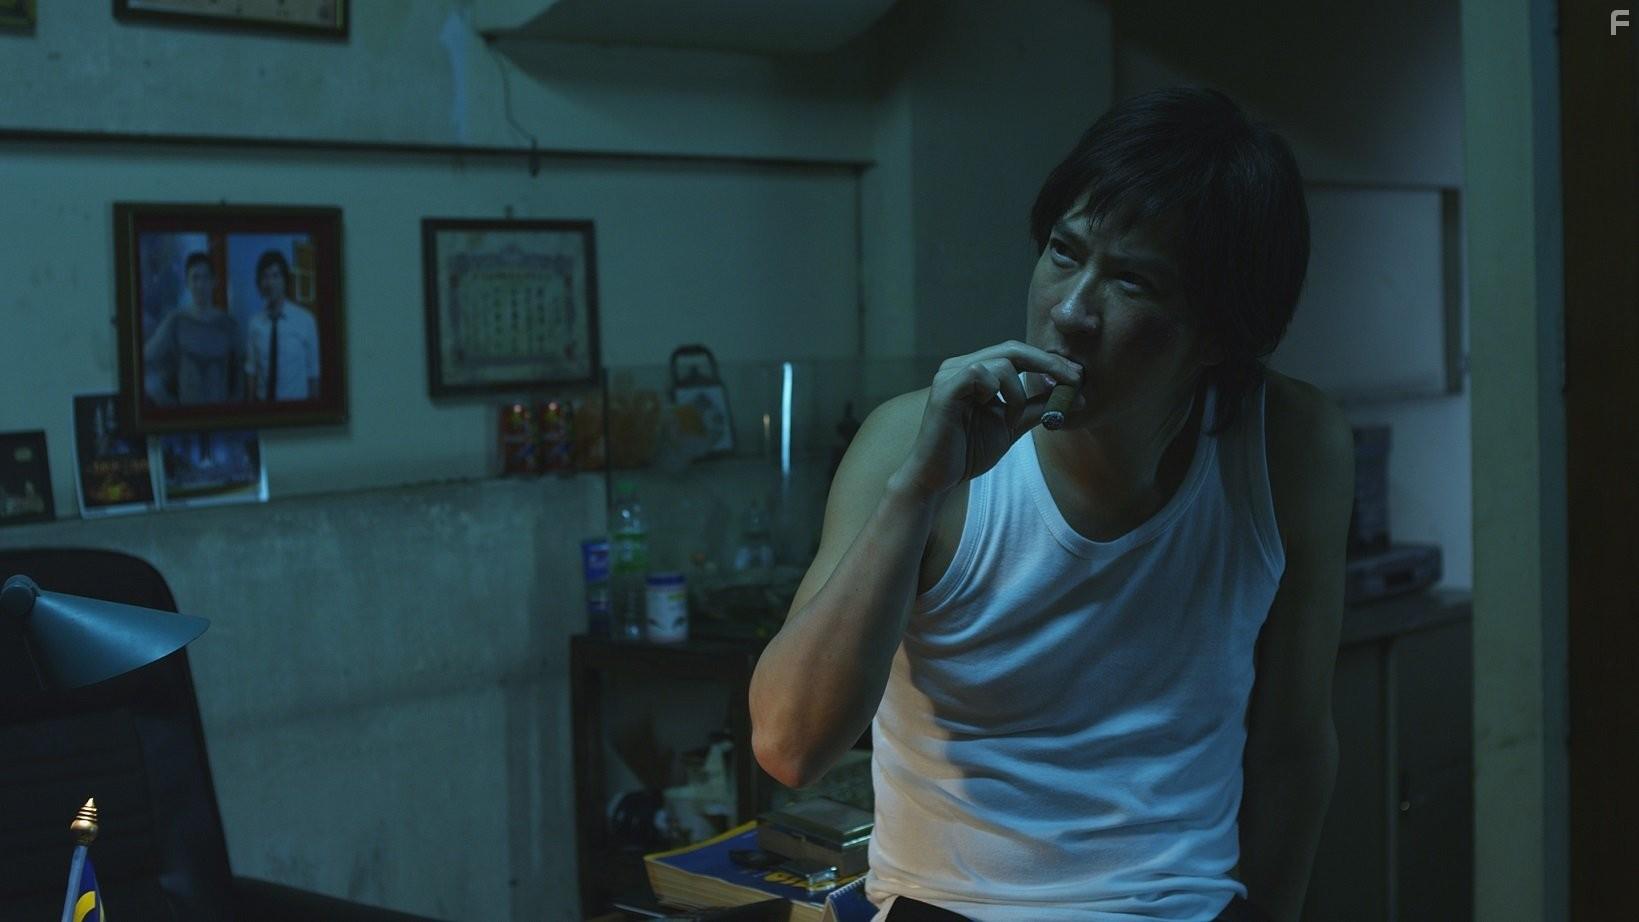 Фильм Обещание 2016 смотреть онлайн бесплатно в хорошем